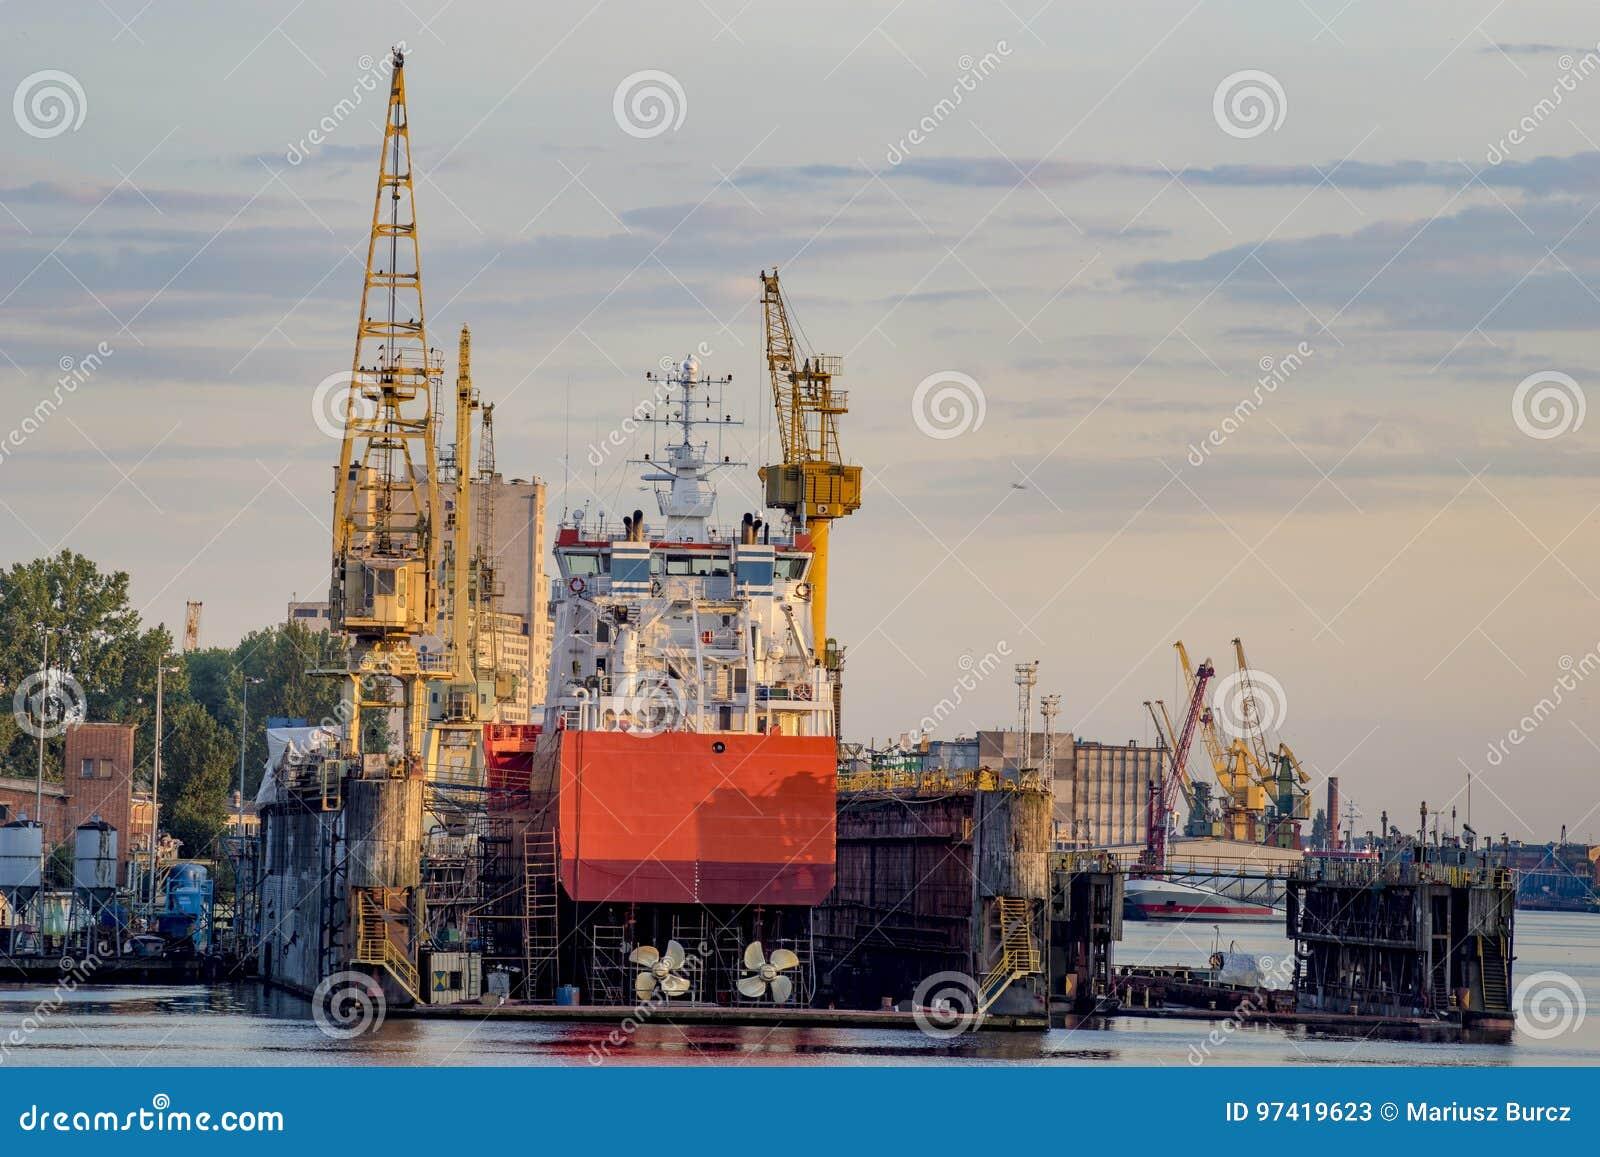 Ships in repair yard